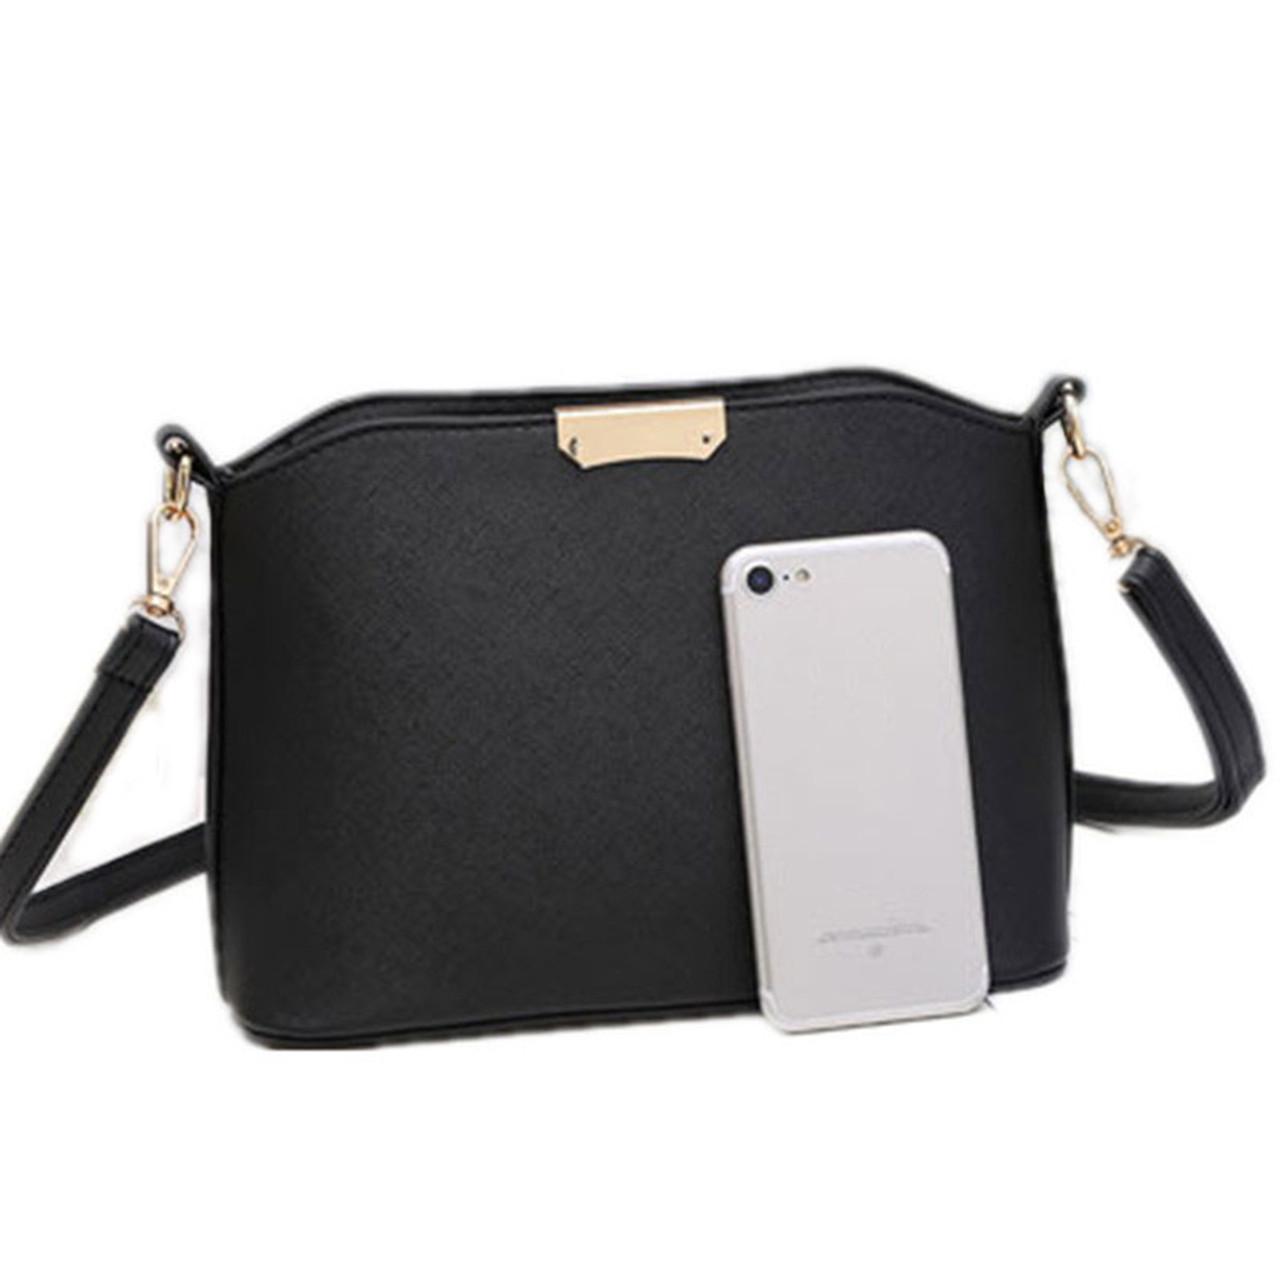 Womens Designer Wrist let Belt Crossbody Bag Ladies Messenger Party Shoulder Bag